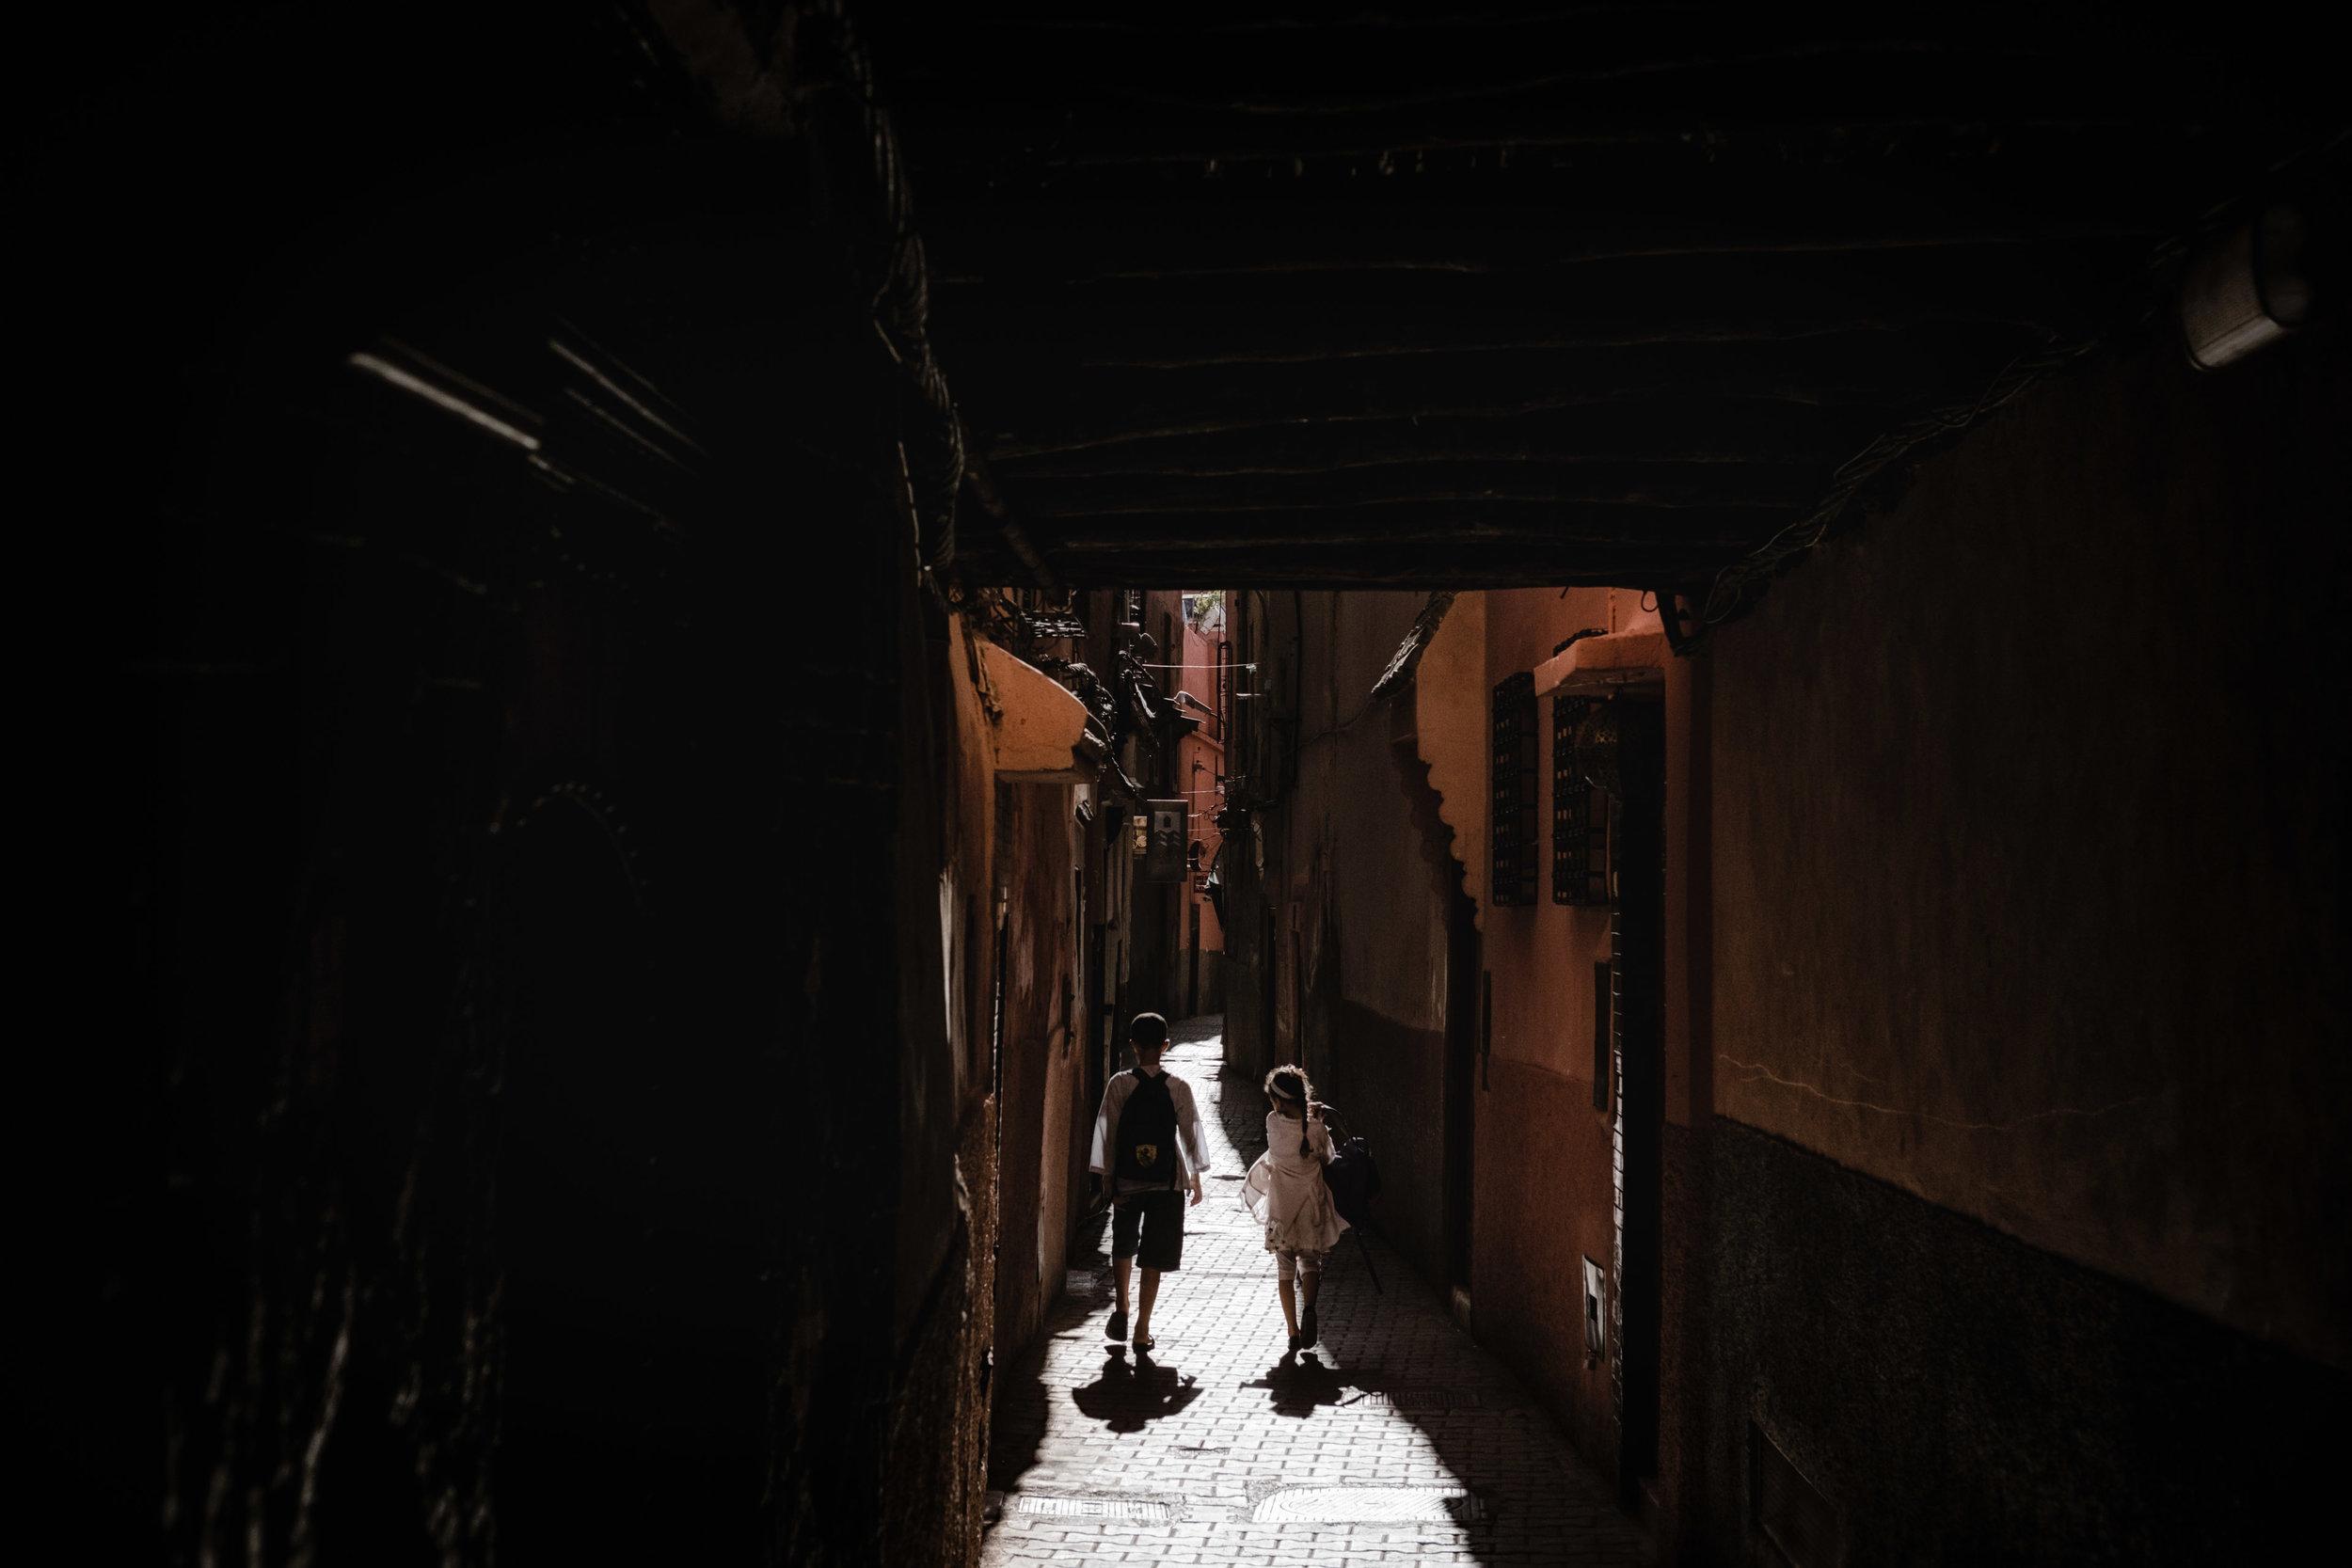 Jane Zhang - Morocco Street Photography-12-2.jpg